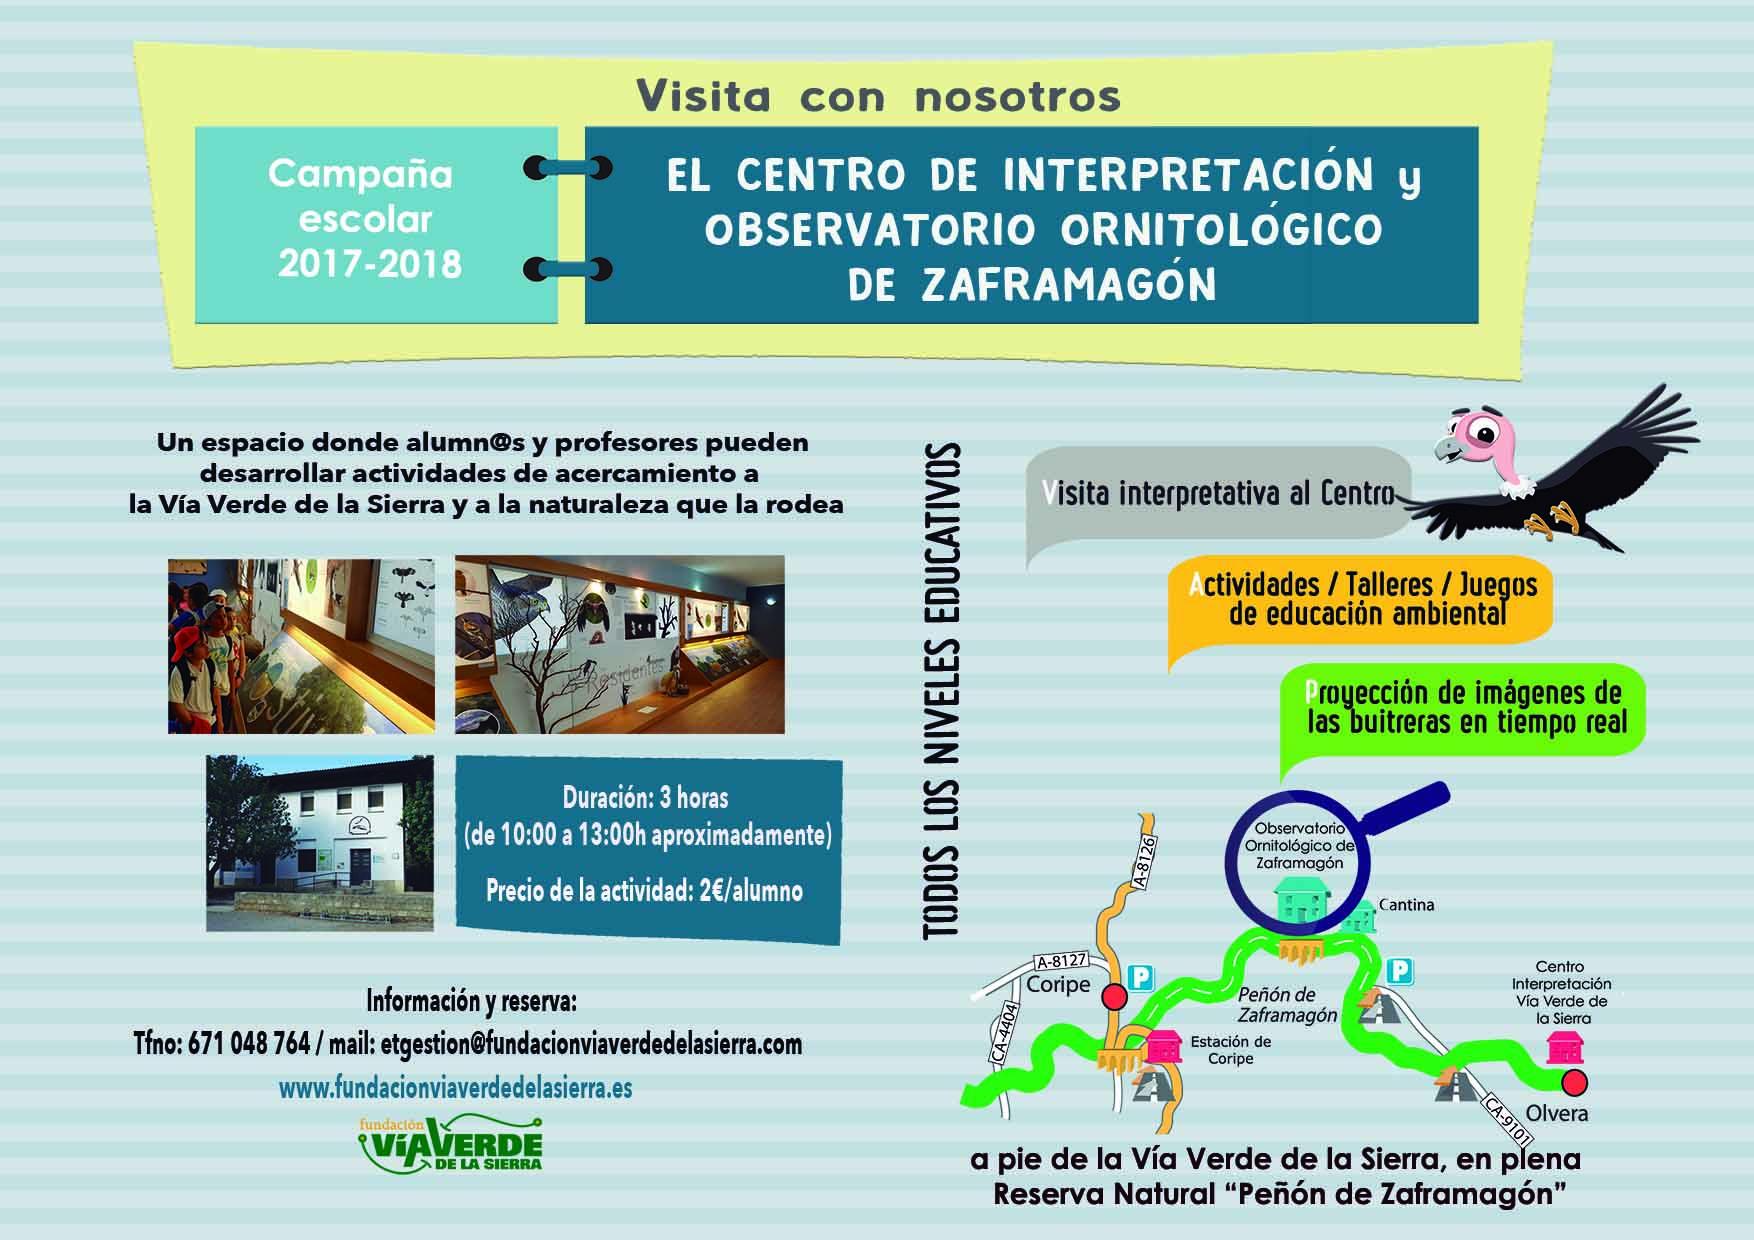 Lanzada la campaña escolar 2017-2018 para visitar los Centros de Interpretación de la Vía Verde de la Sierra 1